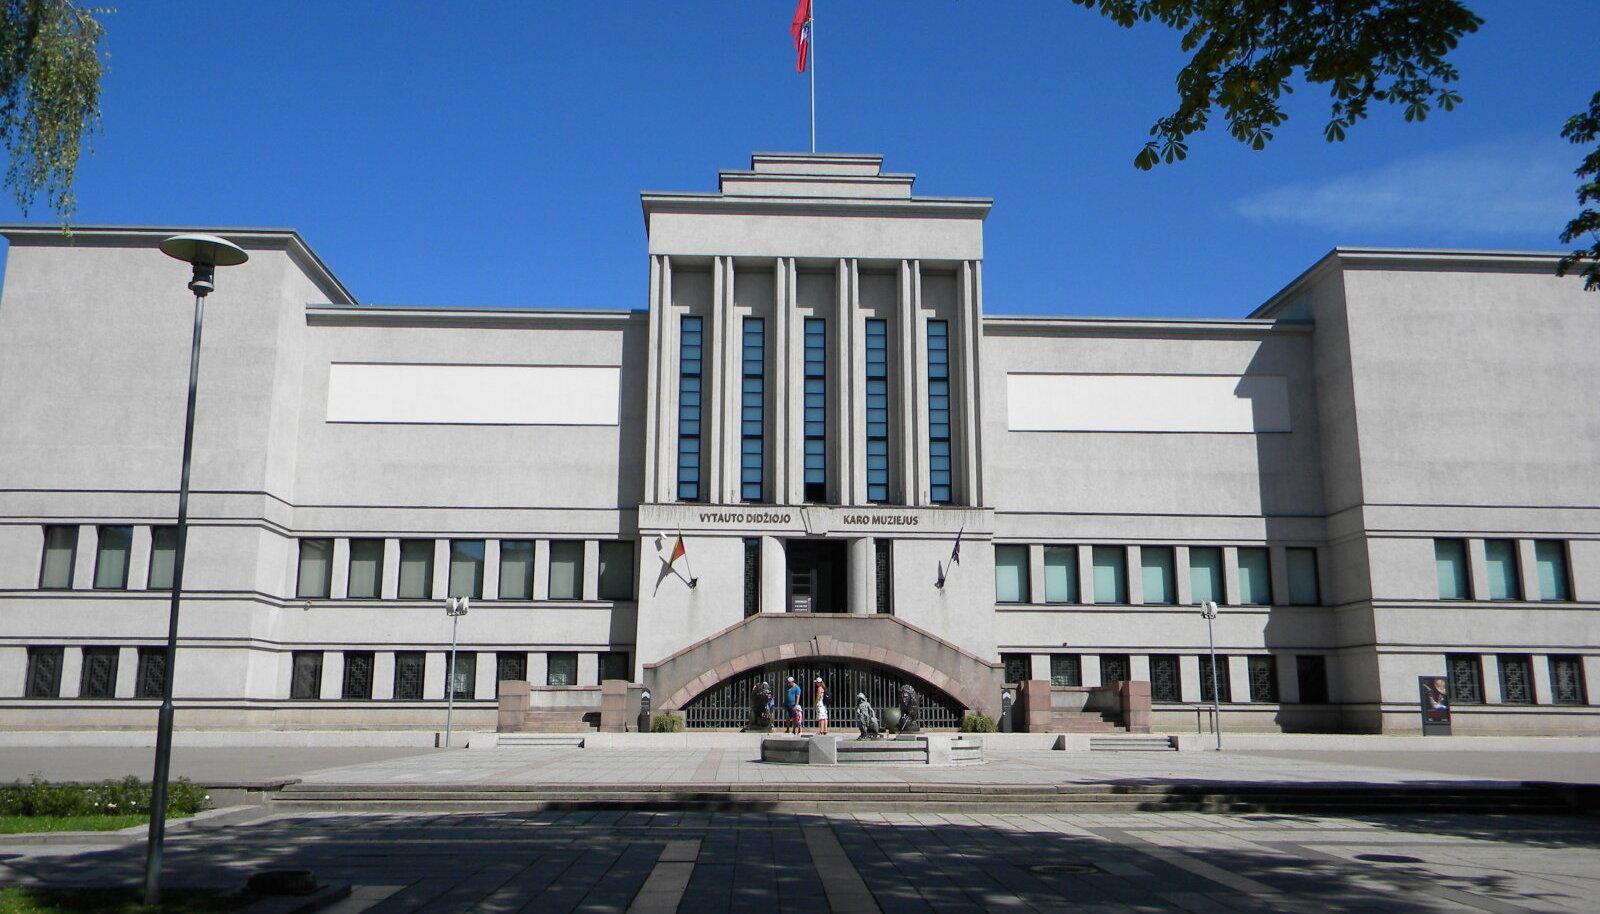 Suurvürst Vytautas Suure nimelise sõjamuuseumi hoone